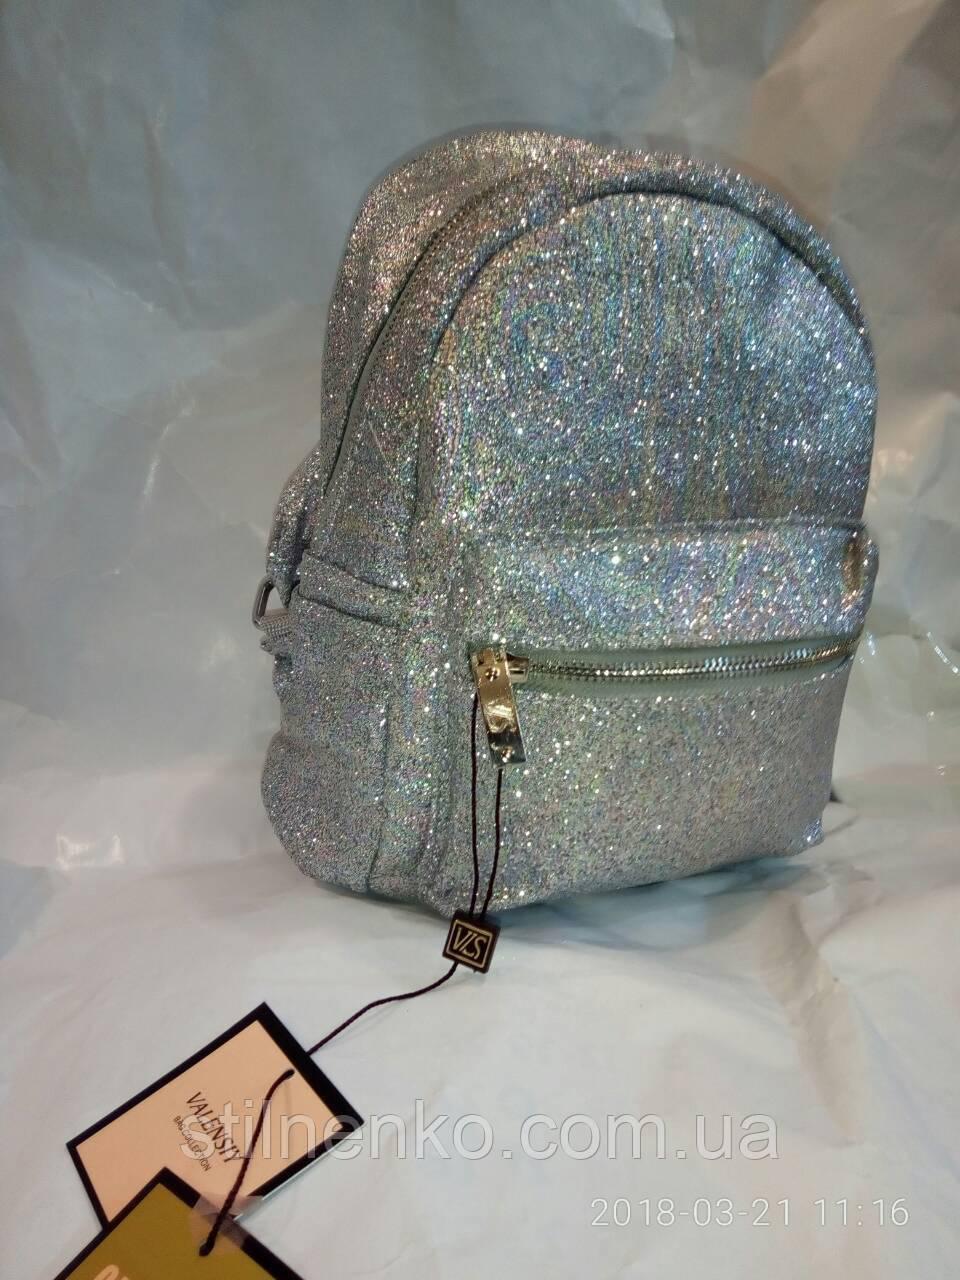 6a4c7b3a1335 Городской рюкзак Женский стильный модный с блестками: продажа, цена ...